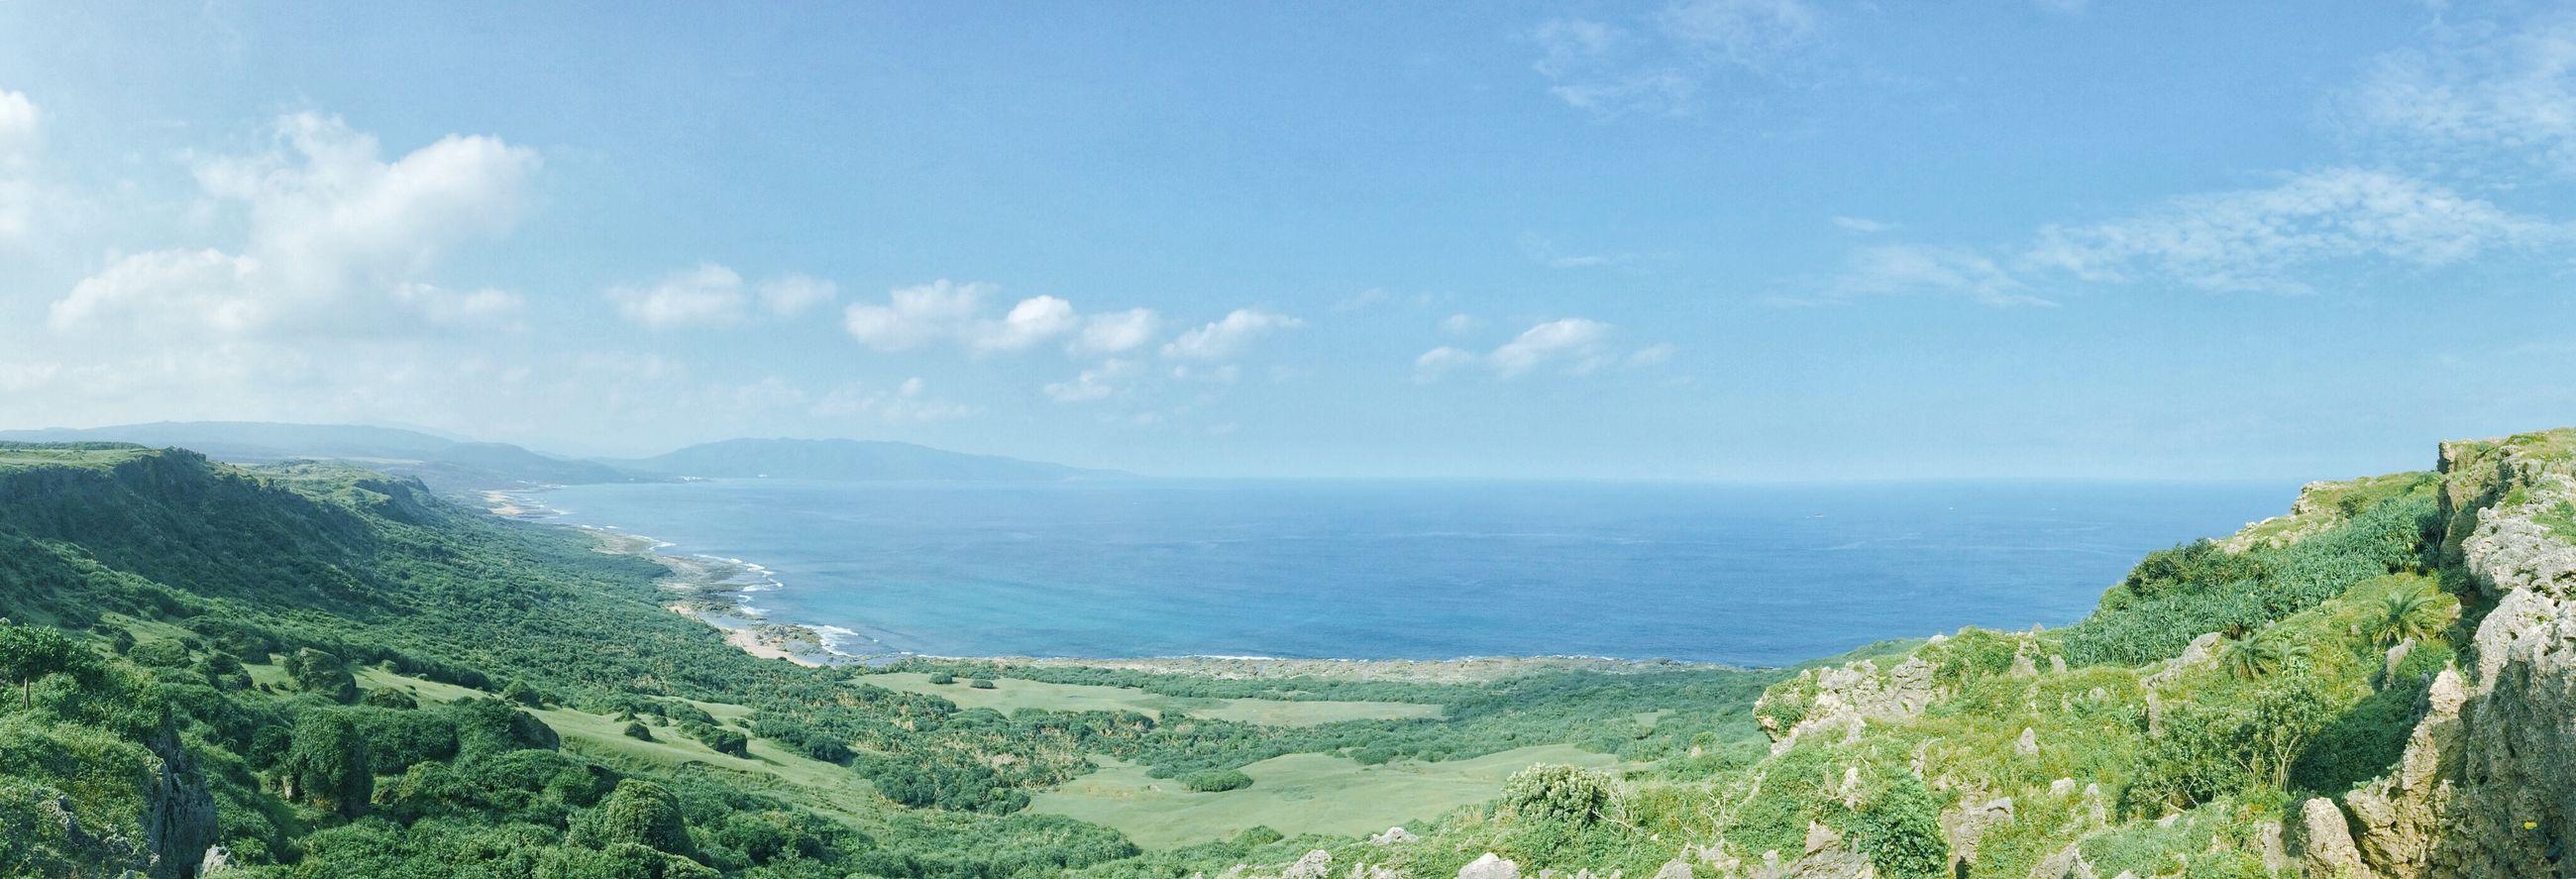 Sea Blue Sky